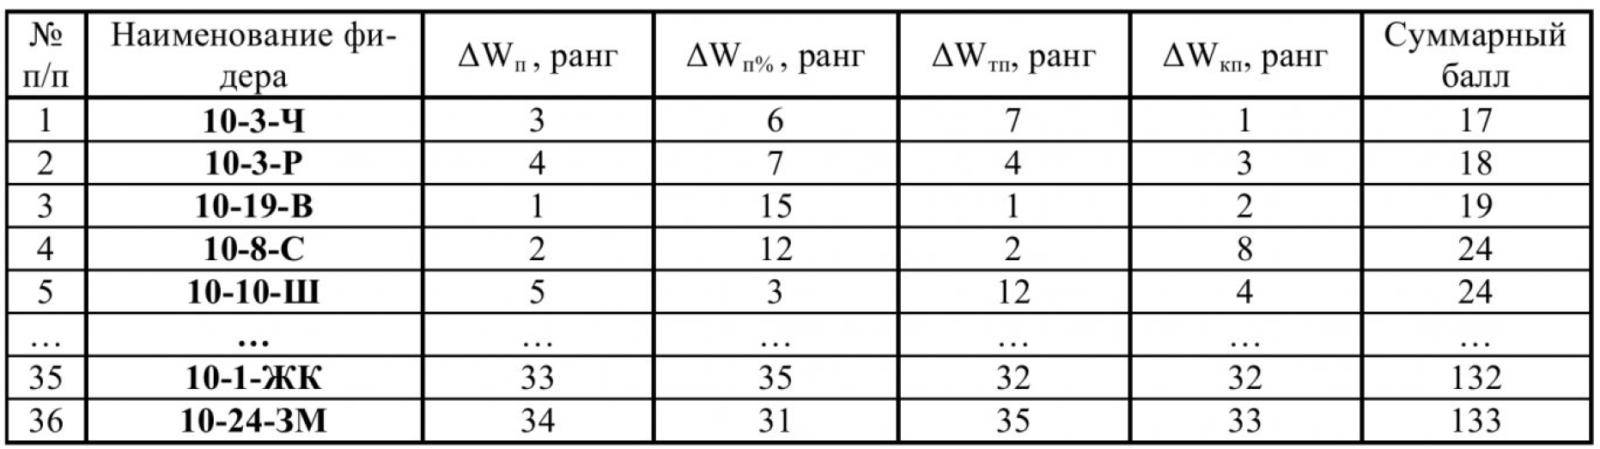 Анализ небалансов электроэнергии в распределительных сетях напряжением 10 кВ и критерии их оценки 6